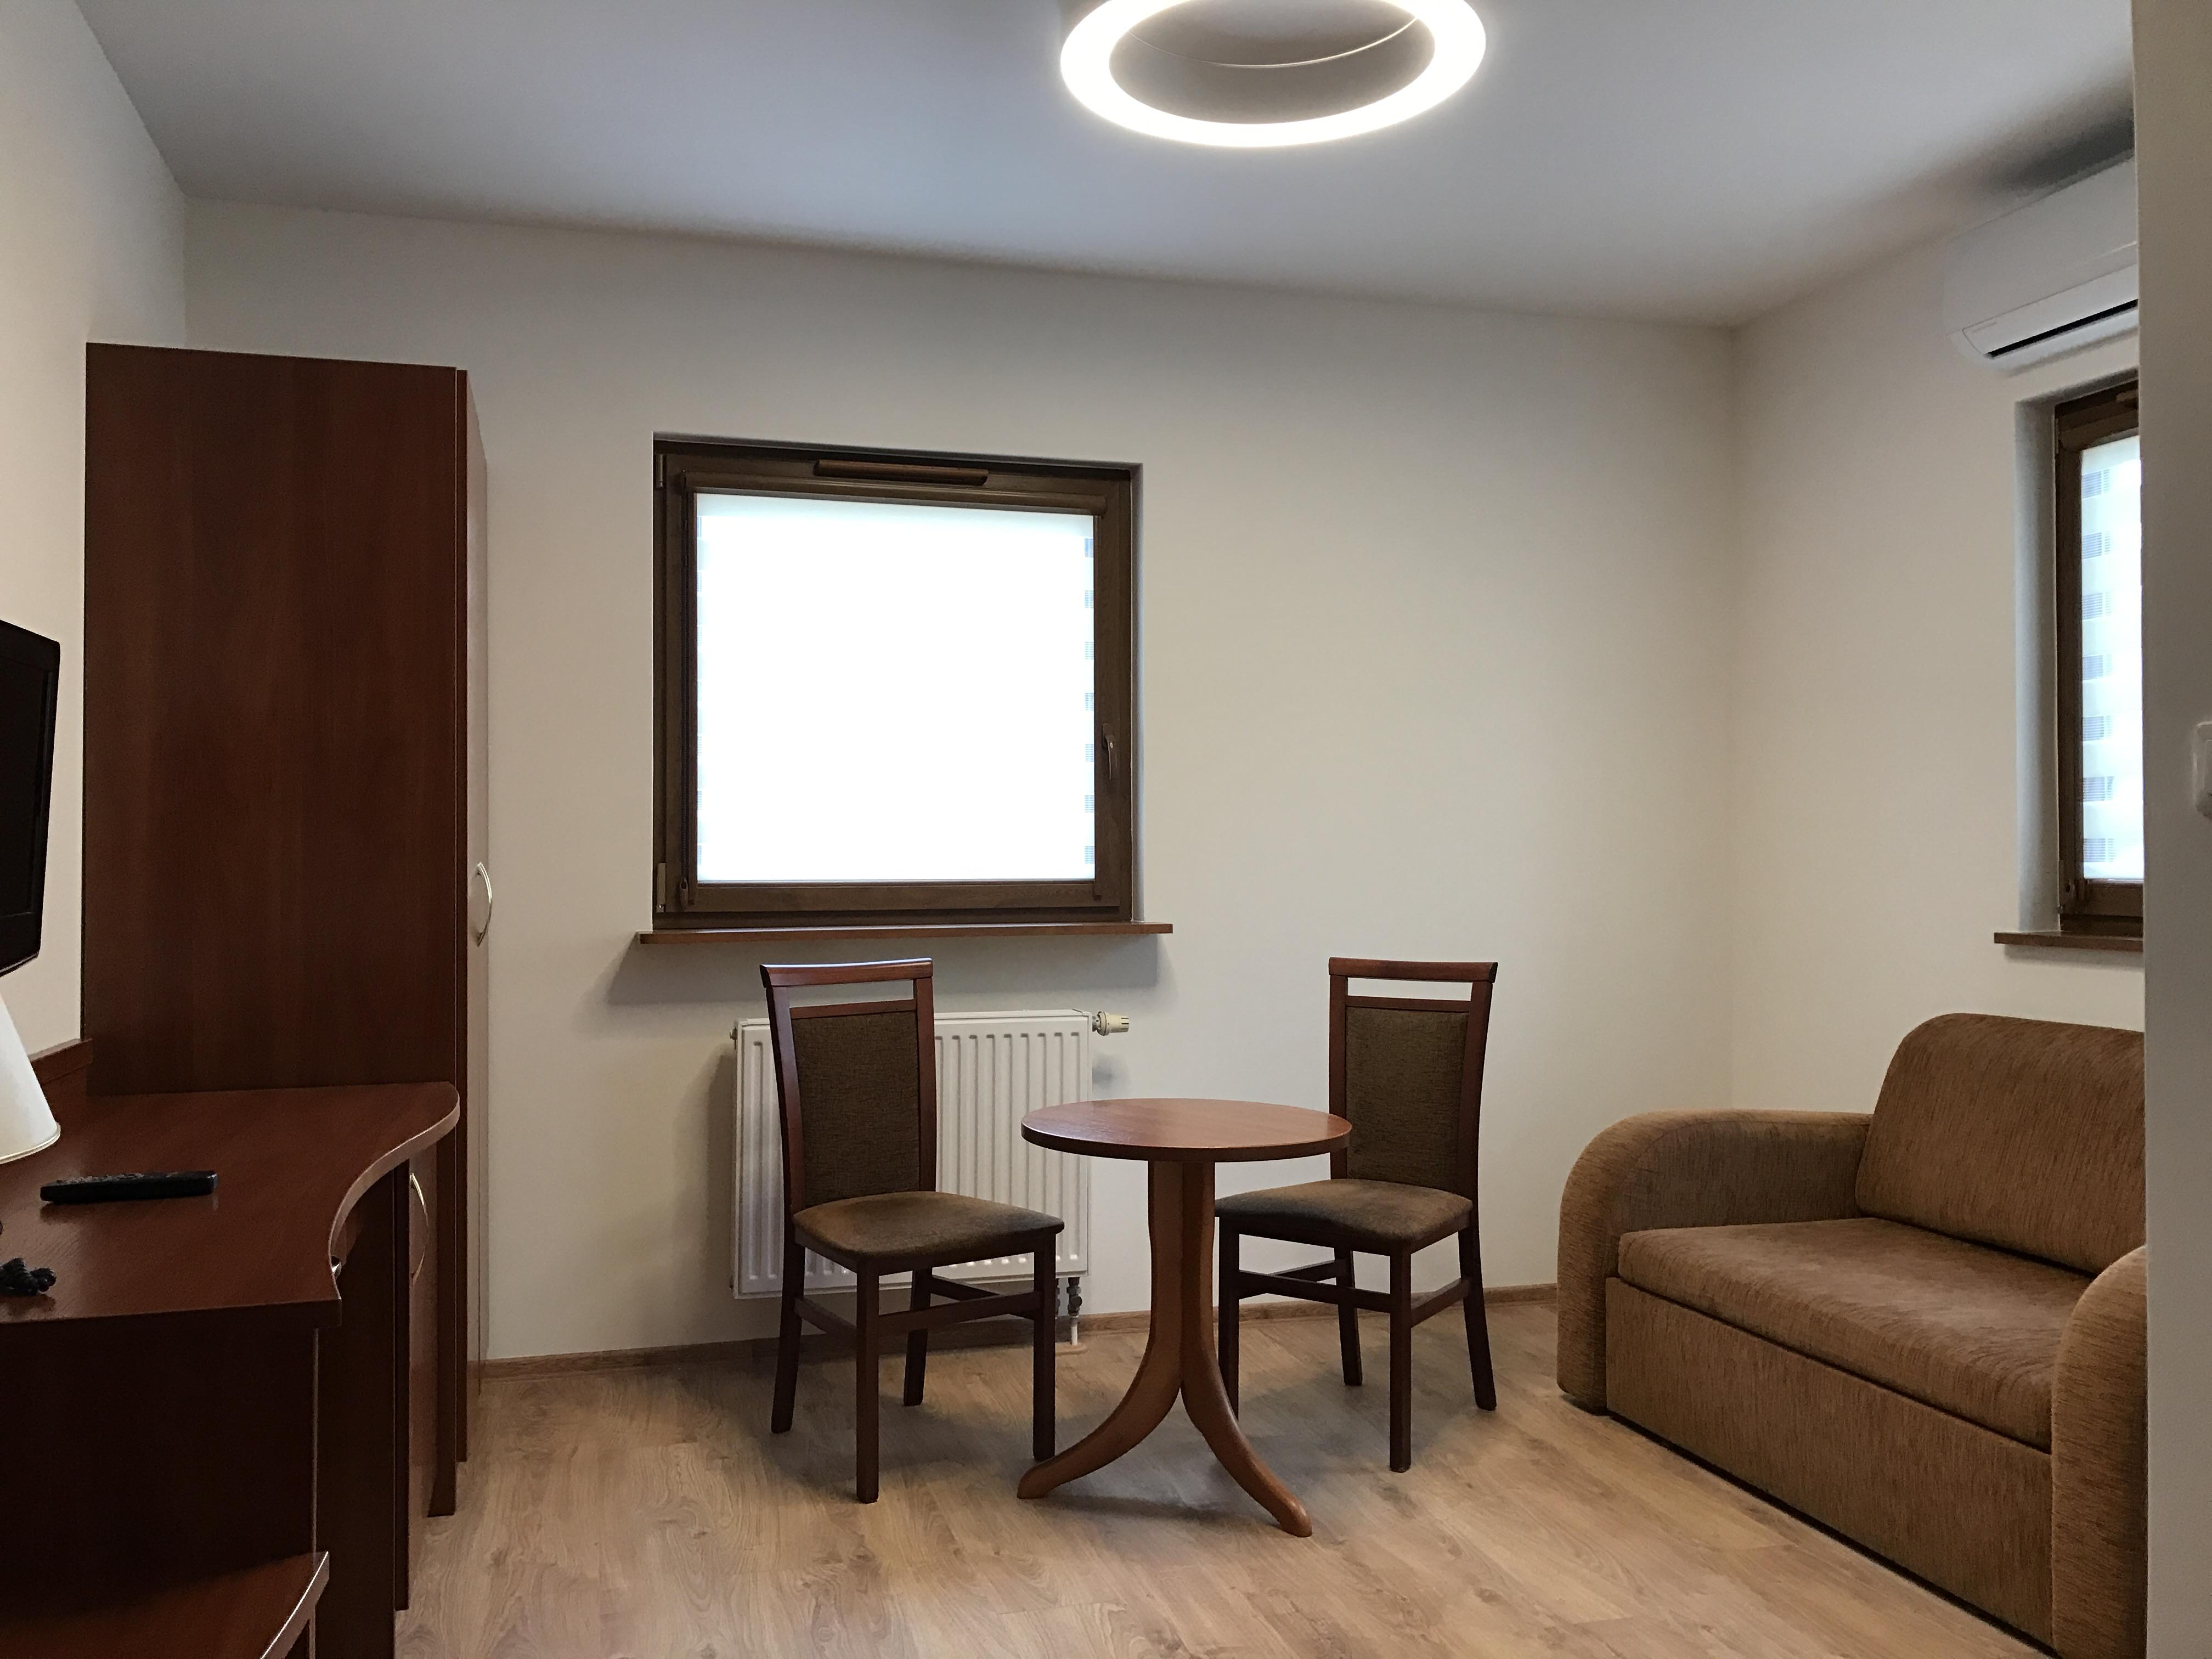 Hotel malta widok pokoju 2